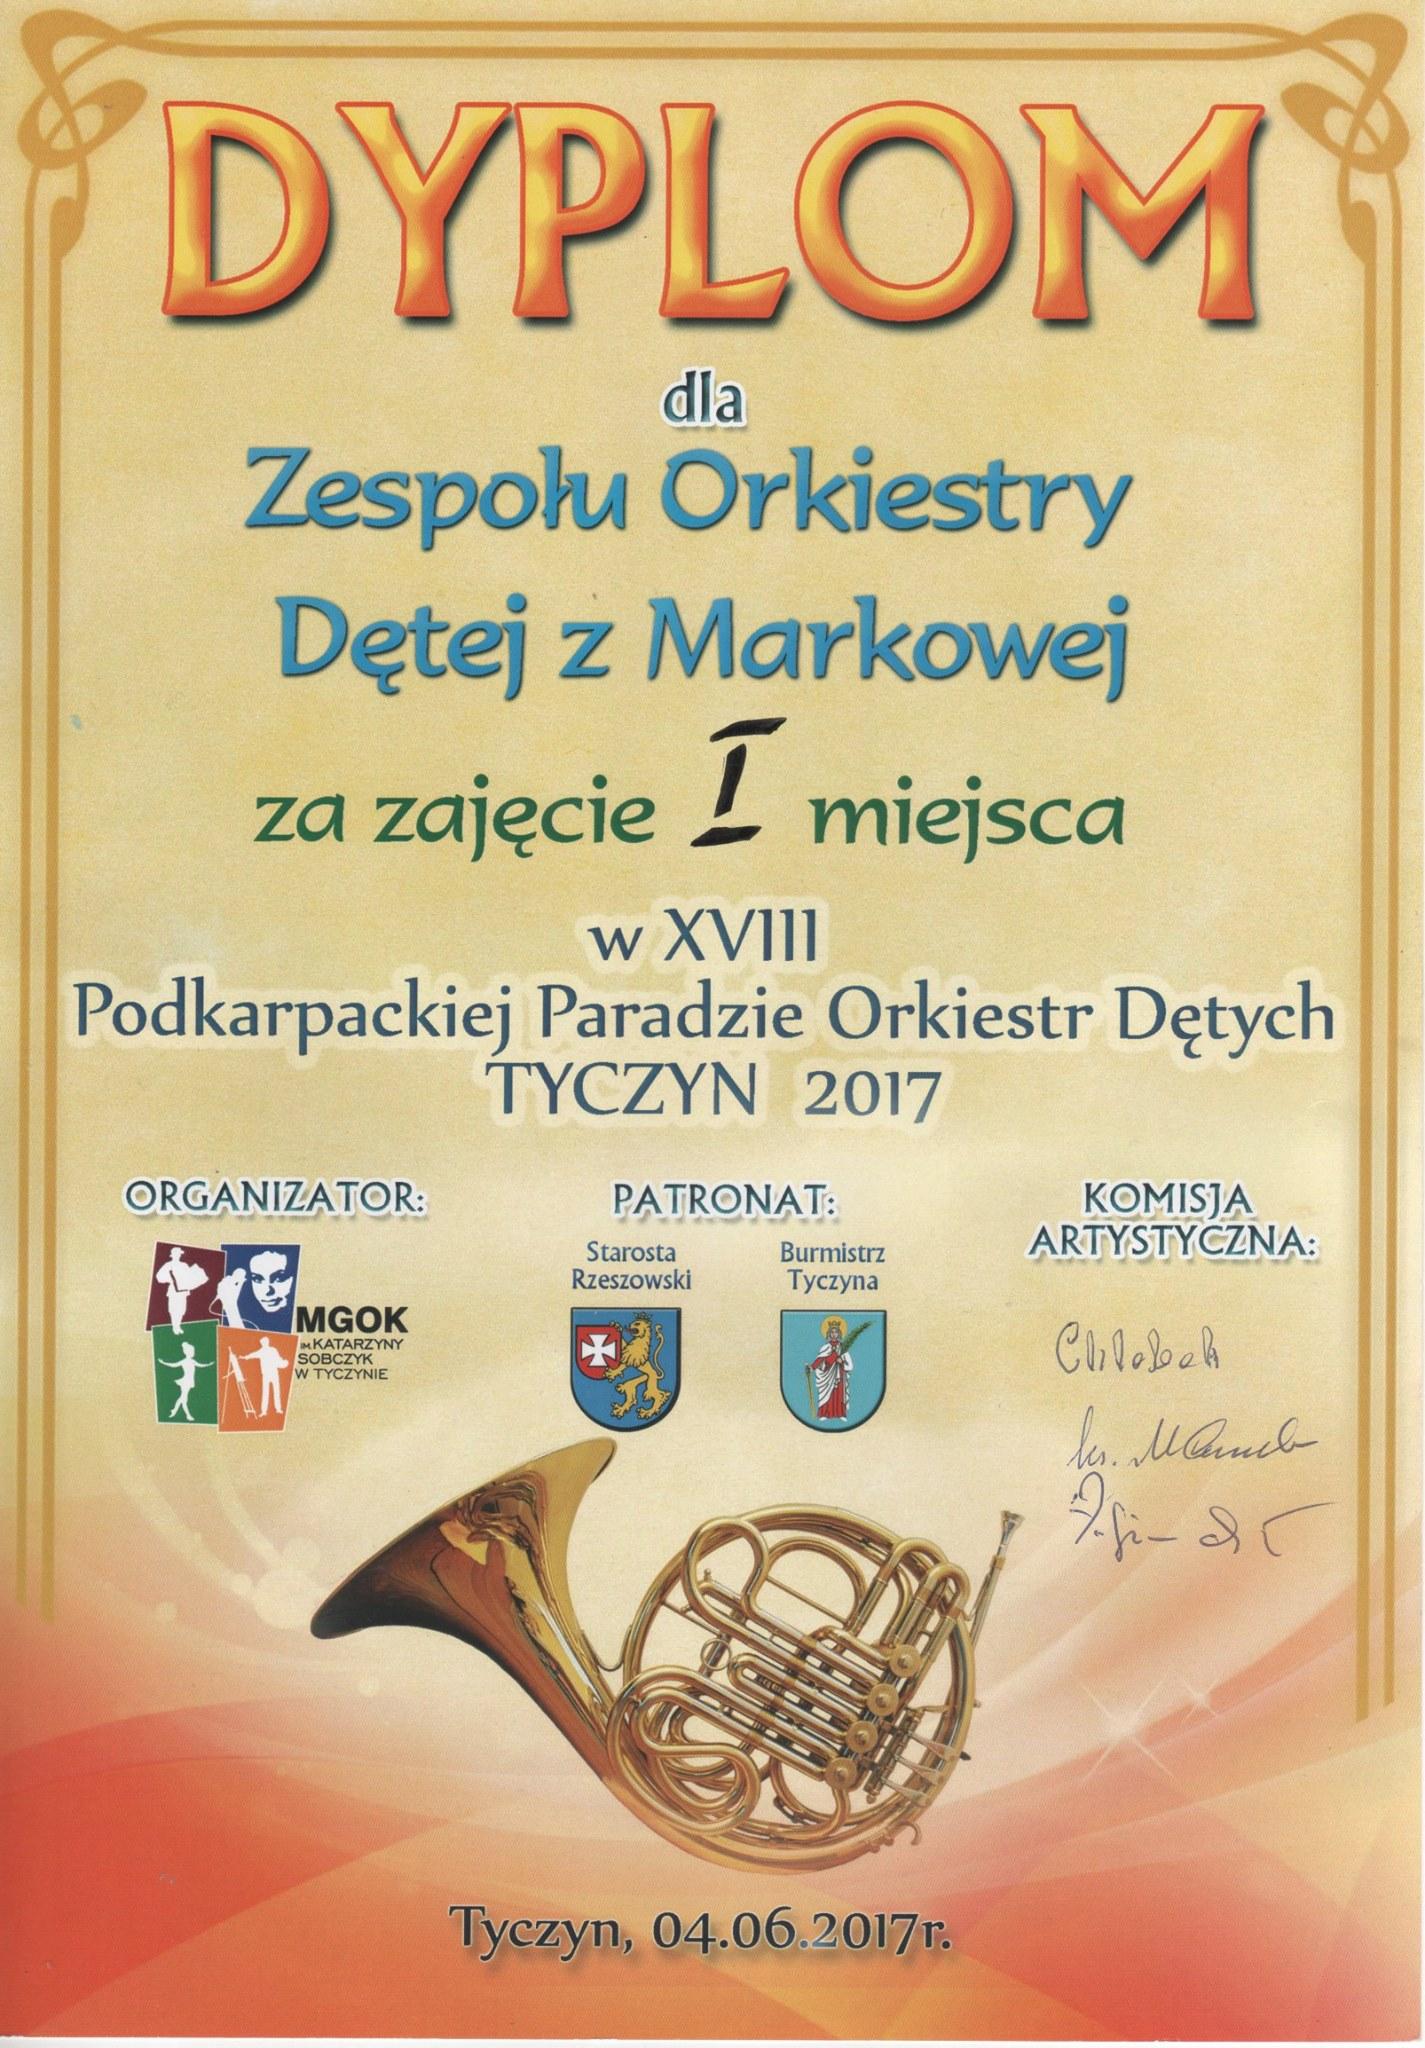 Pierwsze miejsce Zespołu Orkiestry Dętej zMarkowej wTyczynie